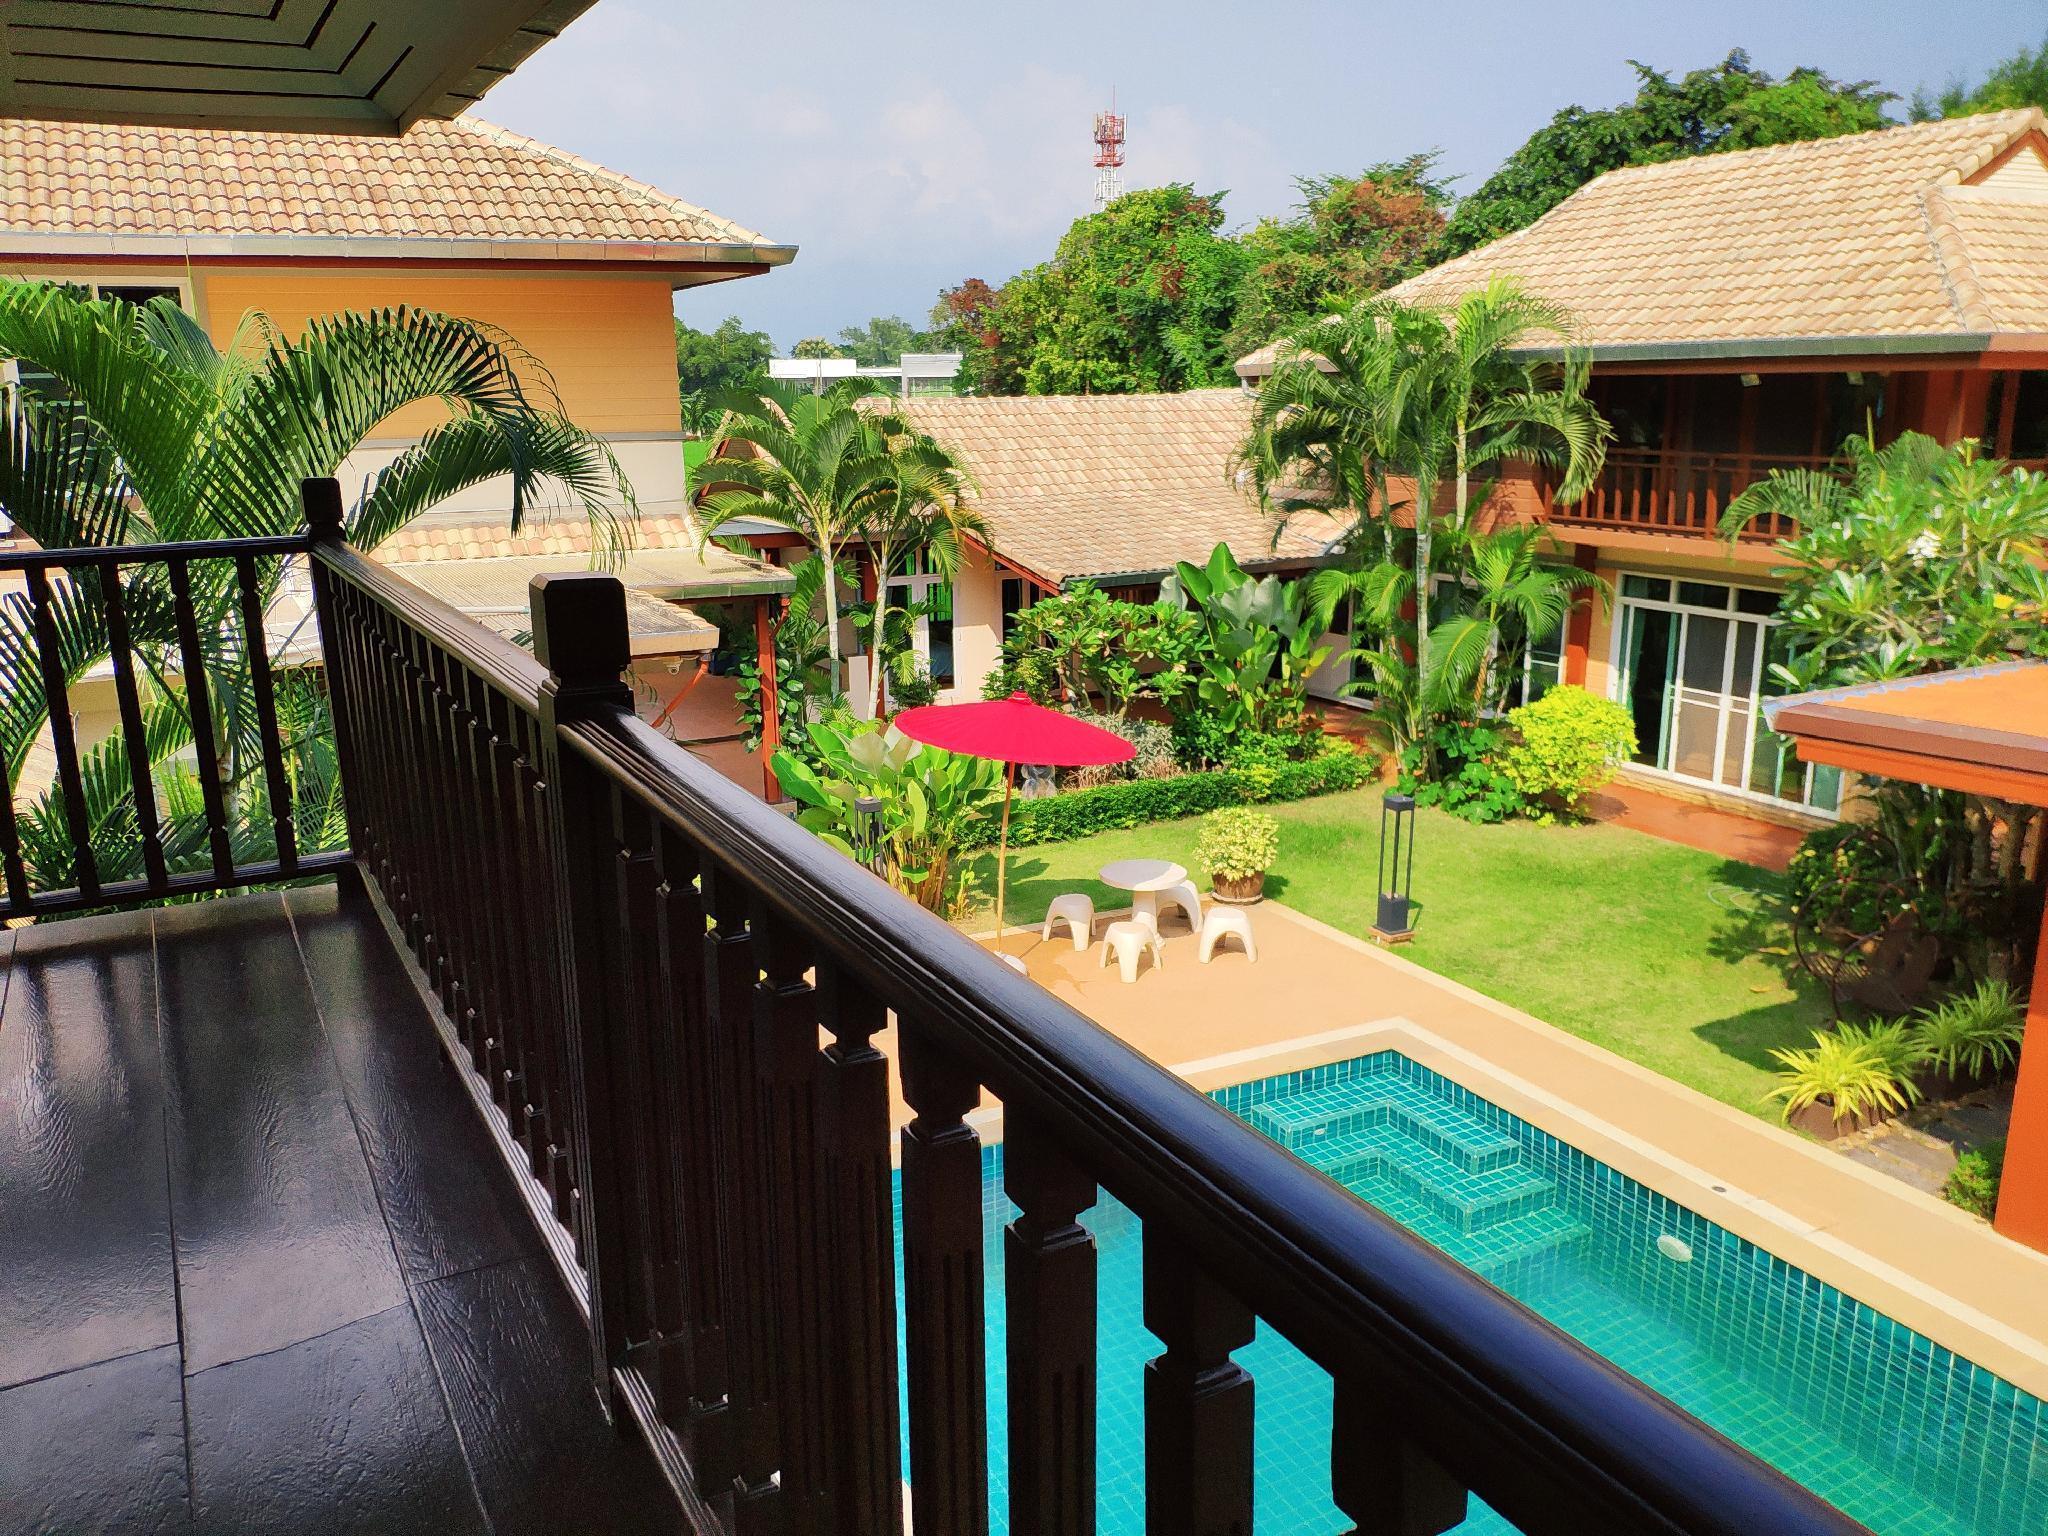 Big Lanna Deluxe Room in Momoka Luxury Pool Villa Big Lanna Deluxe Room in Momoka Luxury Pool Villa